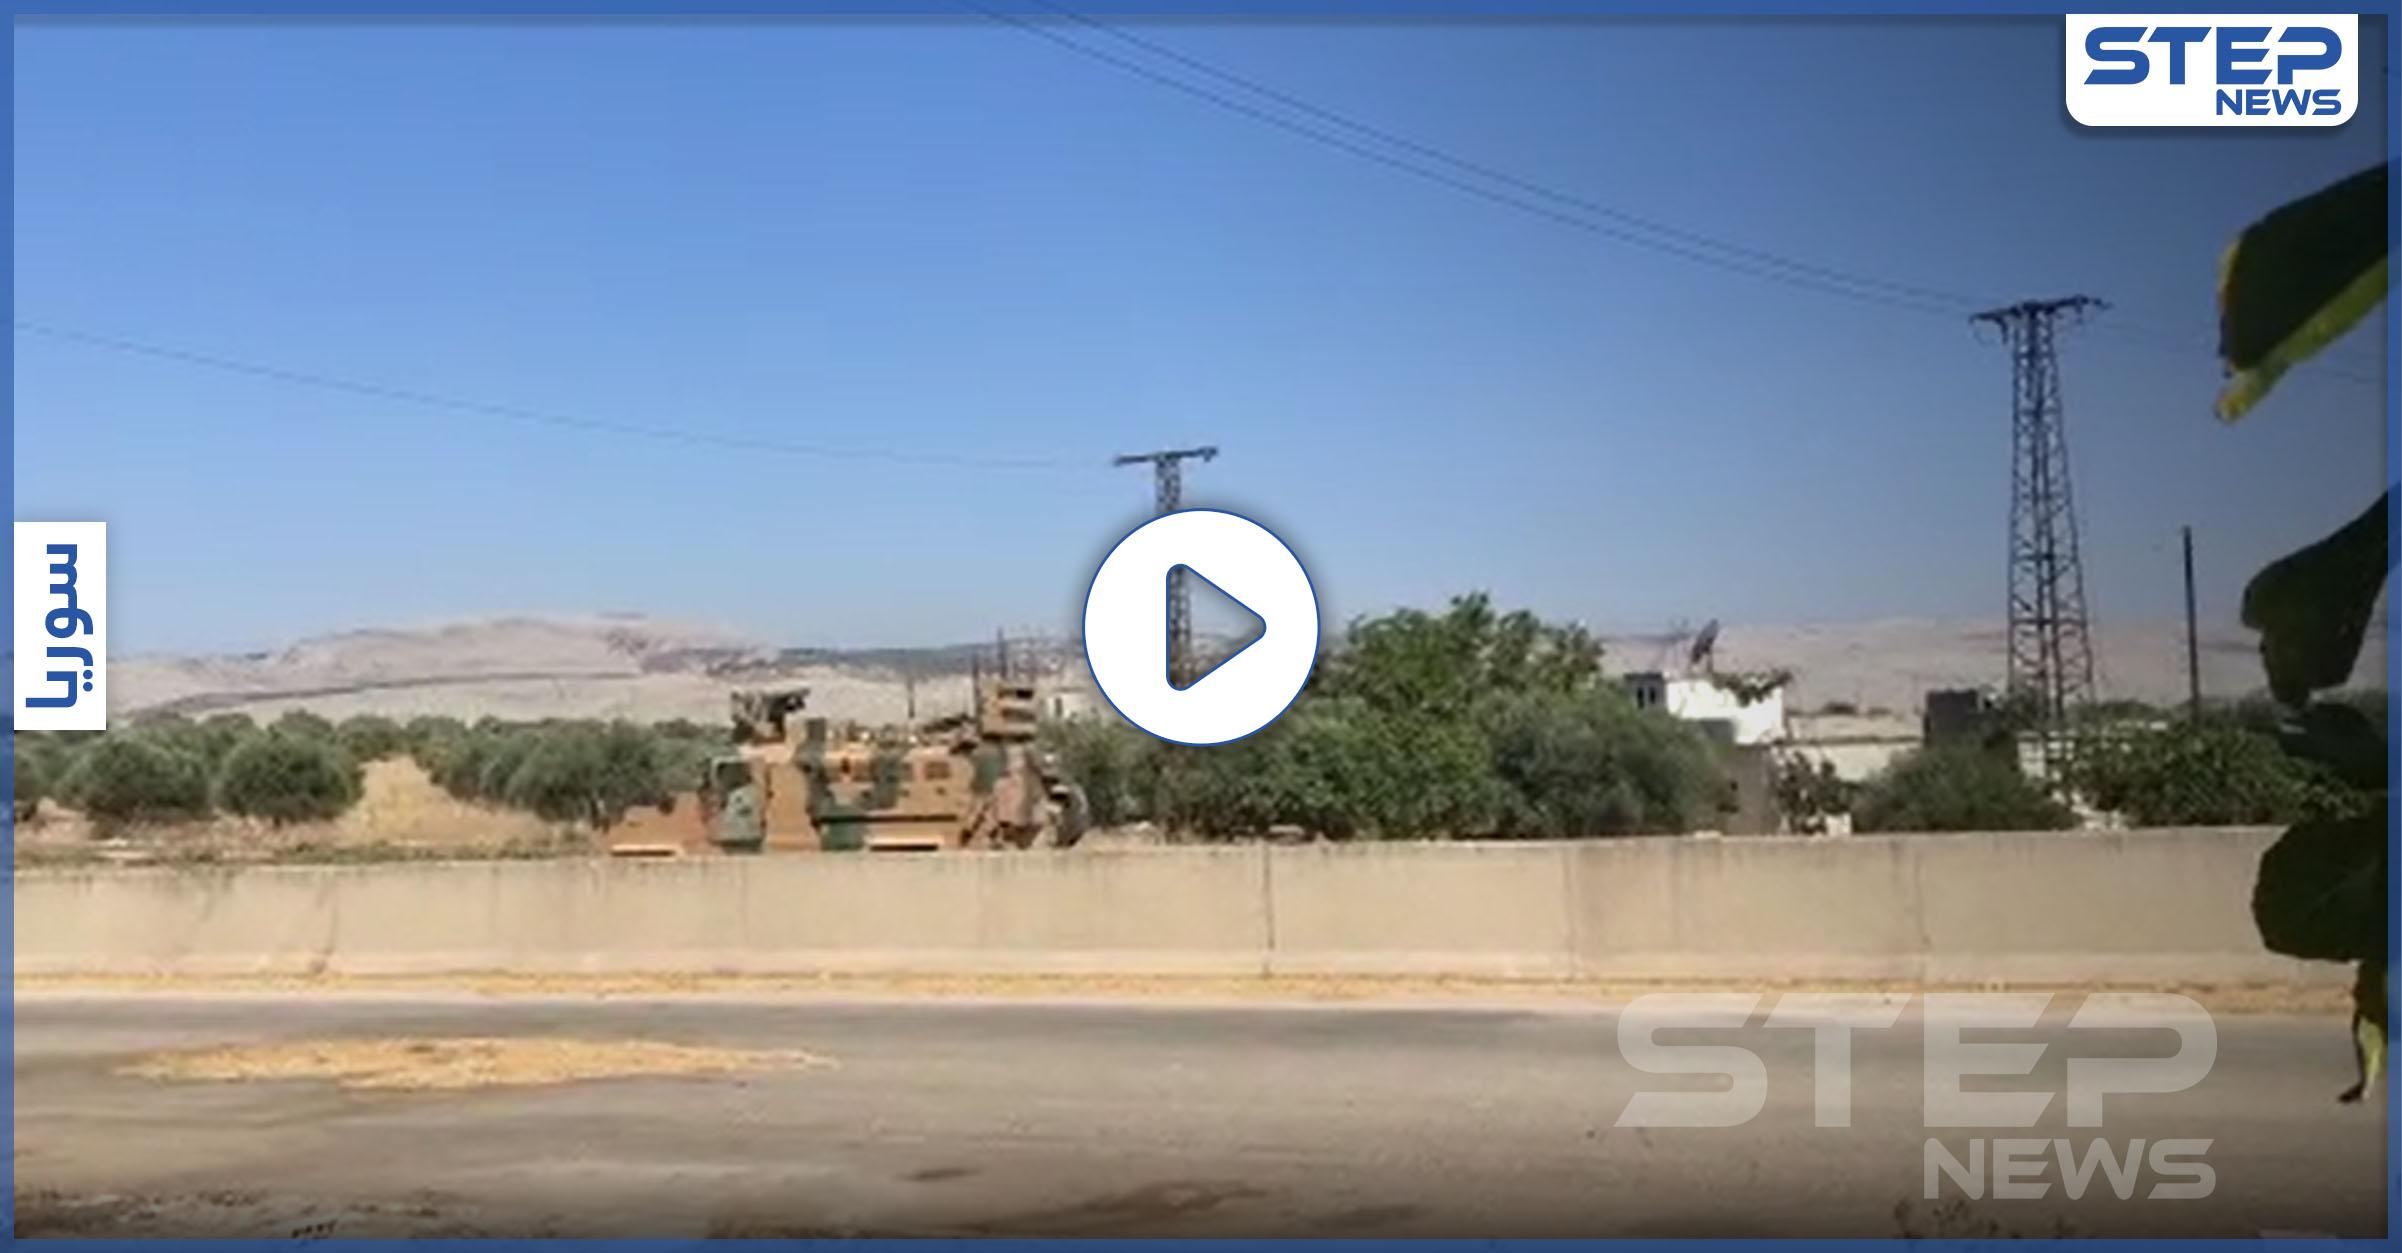 أول دورية تركية روسية مشتركة تصل مناطق سيطرة النظام السوري